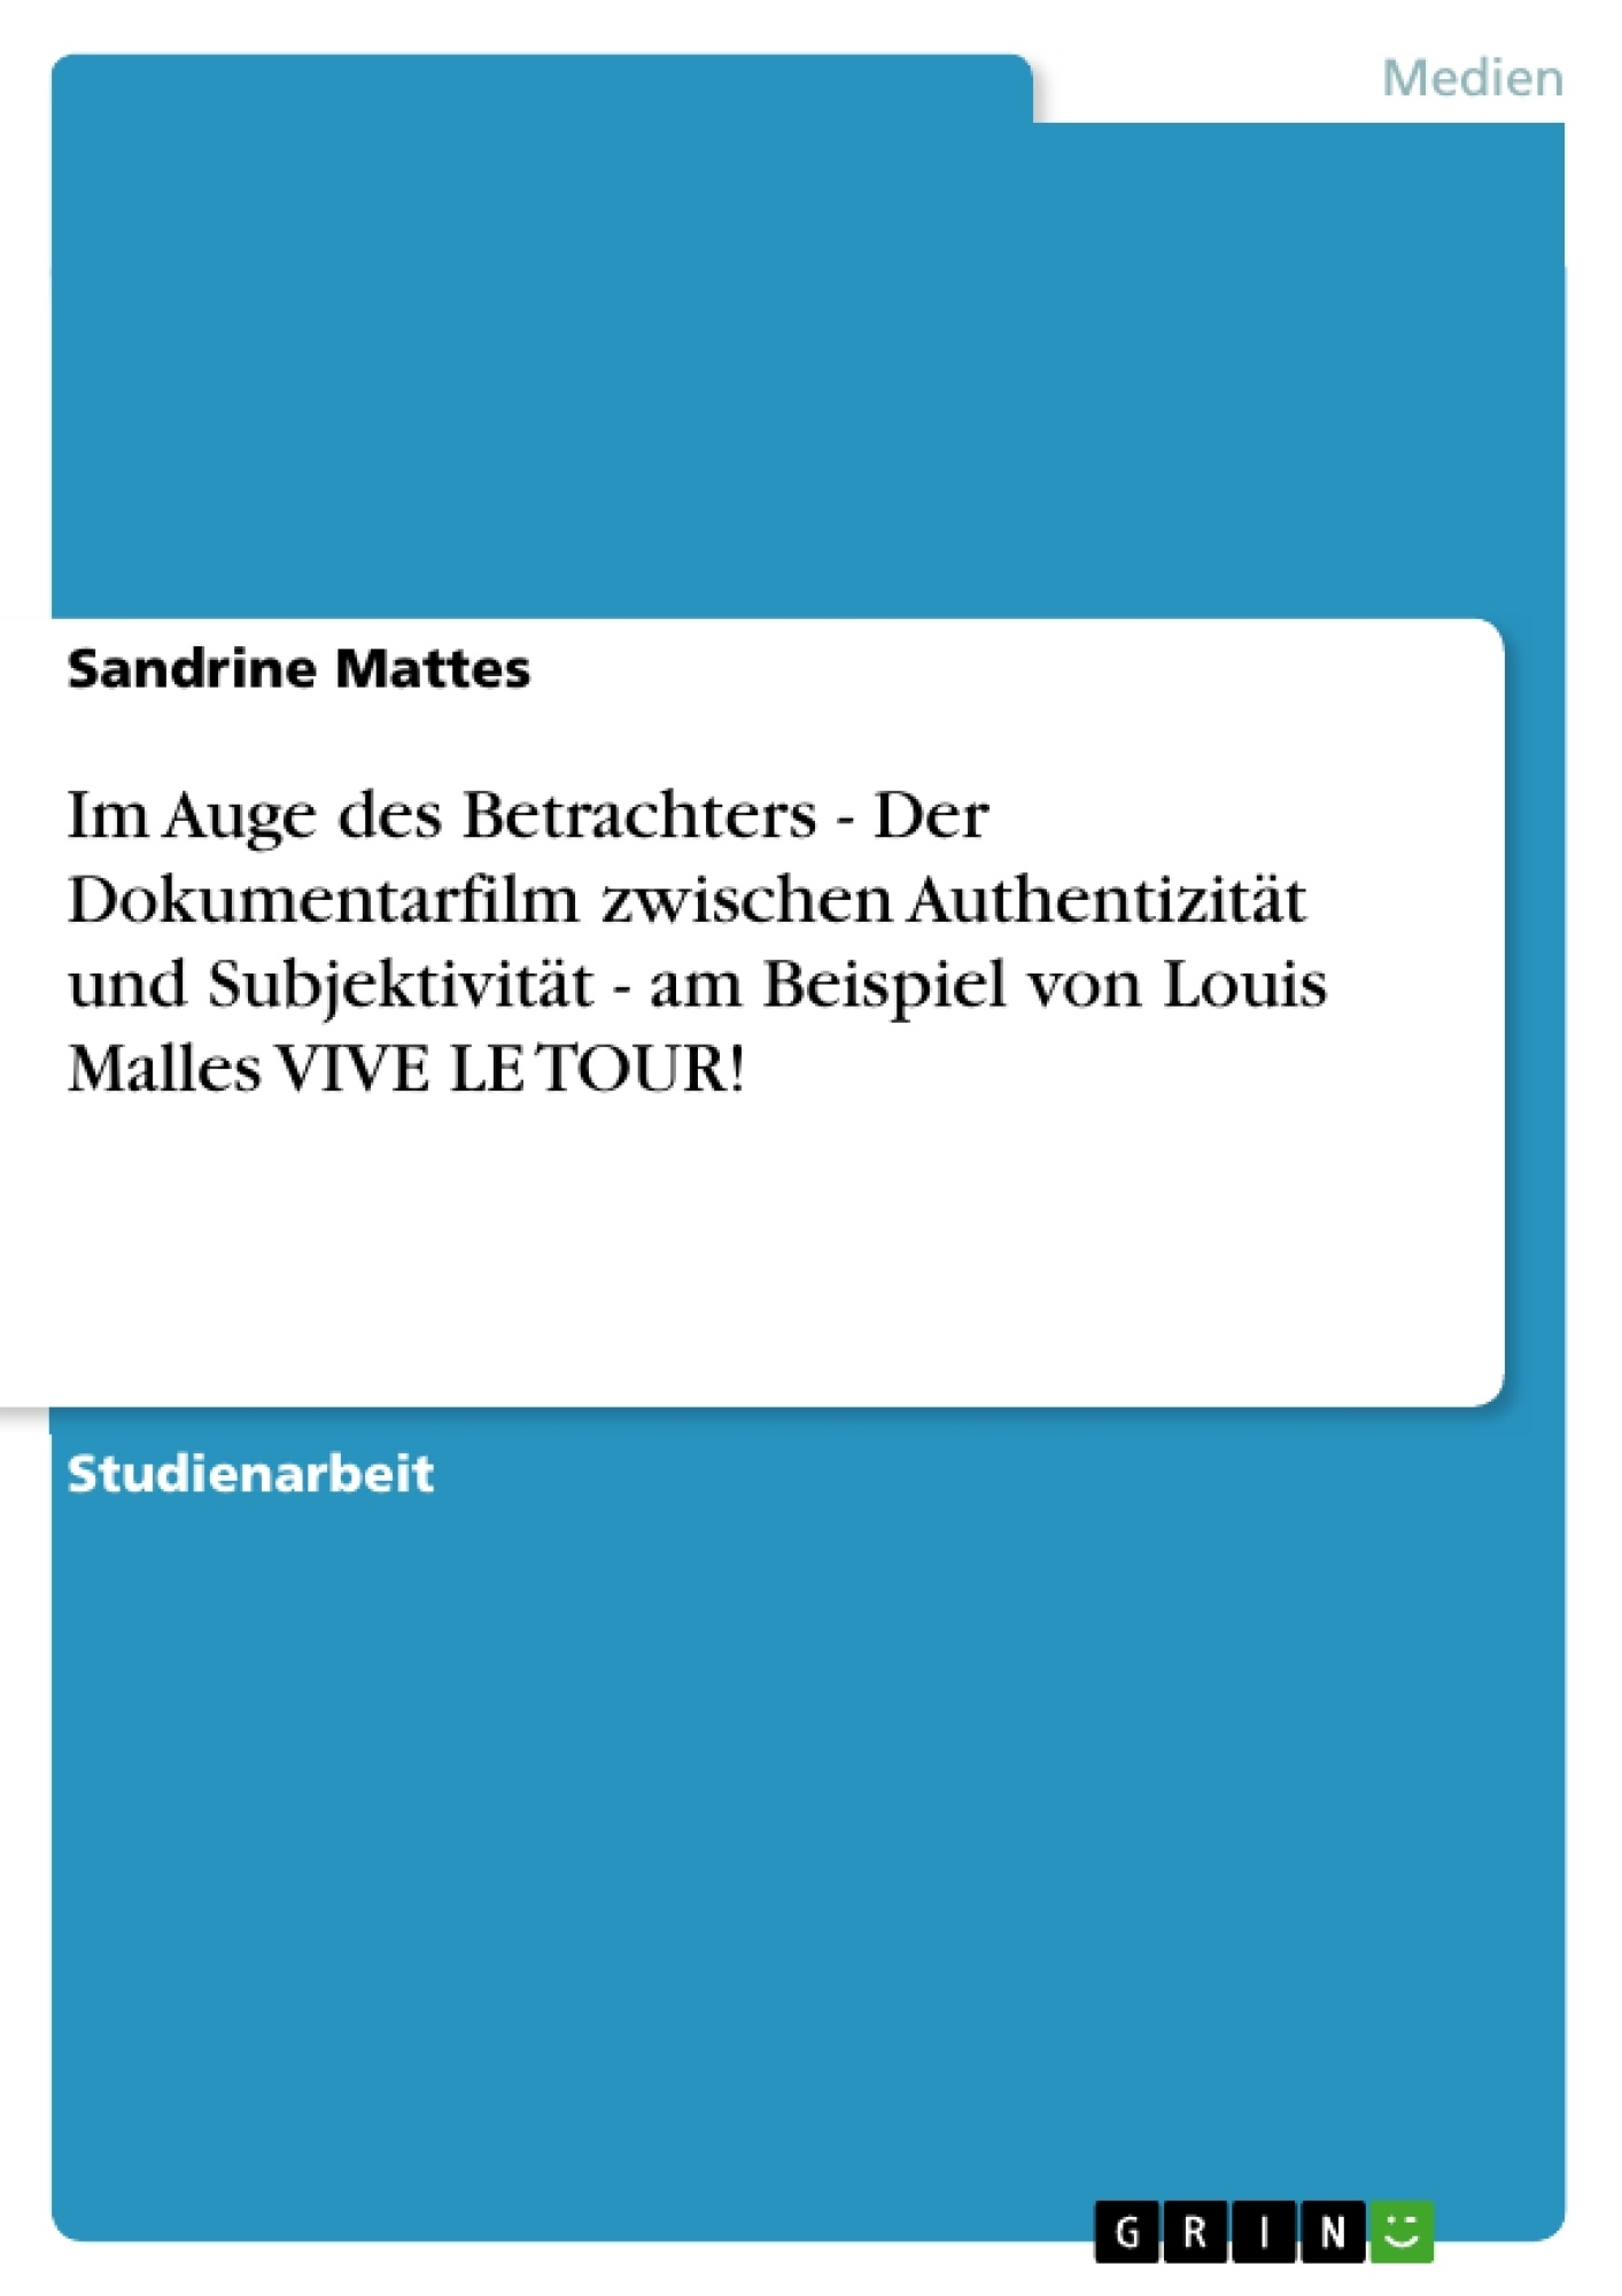 Titel: Im Auge des Betrachters  -  Der Dokumentarfilm zwischen Authentizität und Subjektivität - am Beispiel von Louis Malles VIVE LE TOUR!